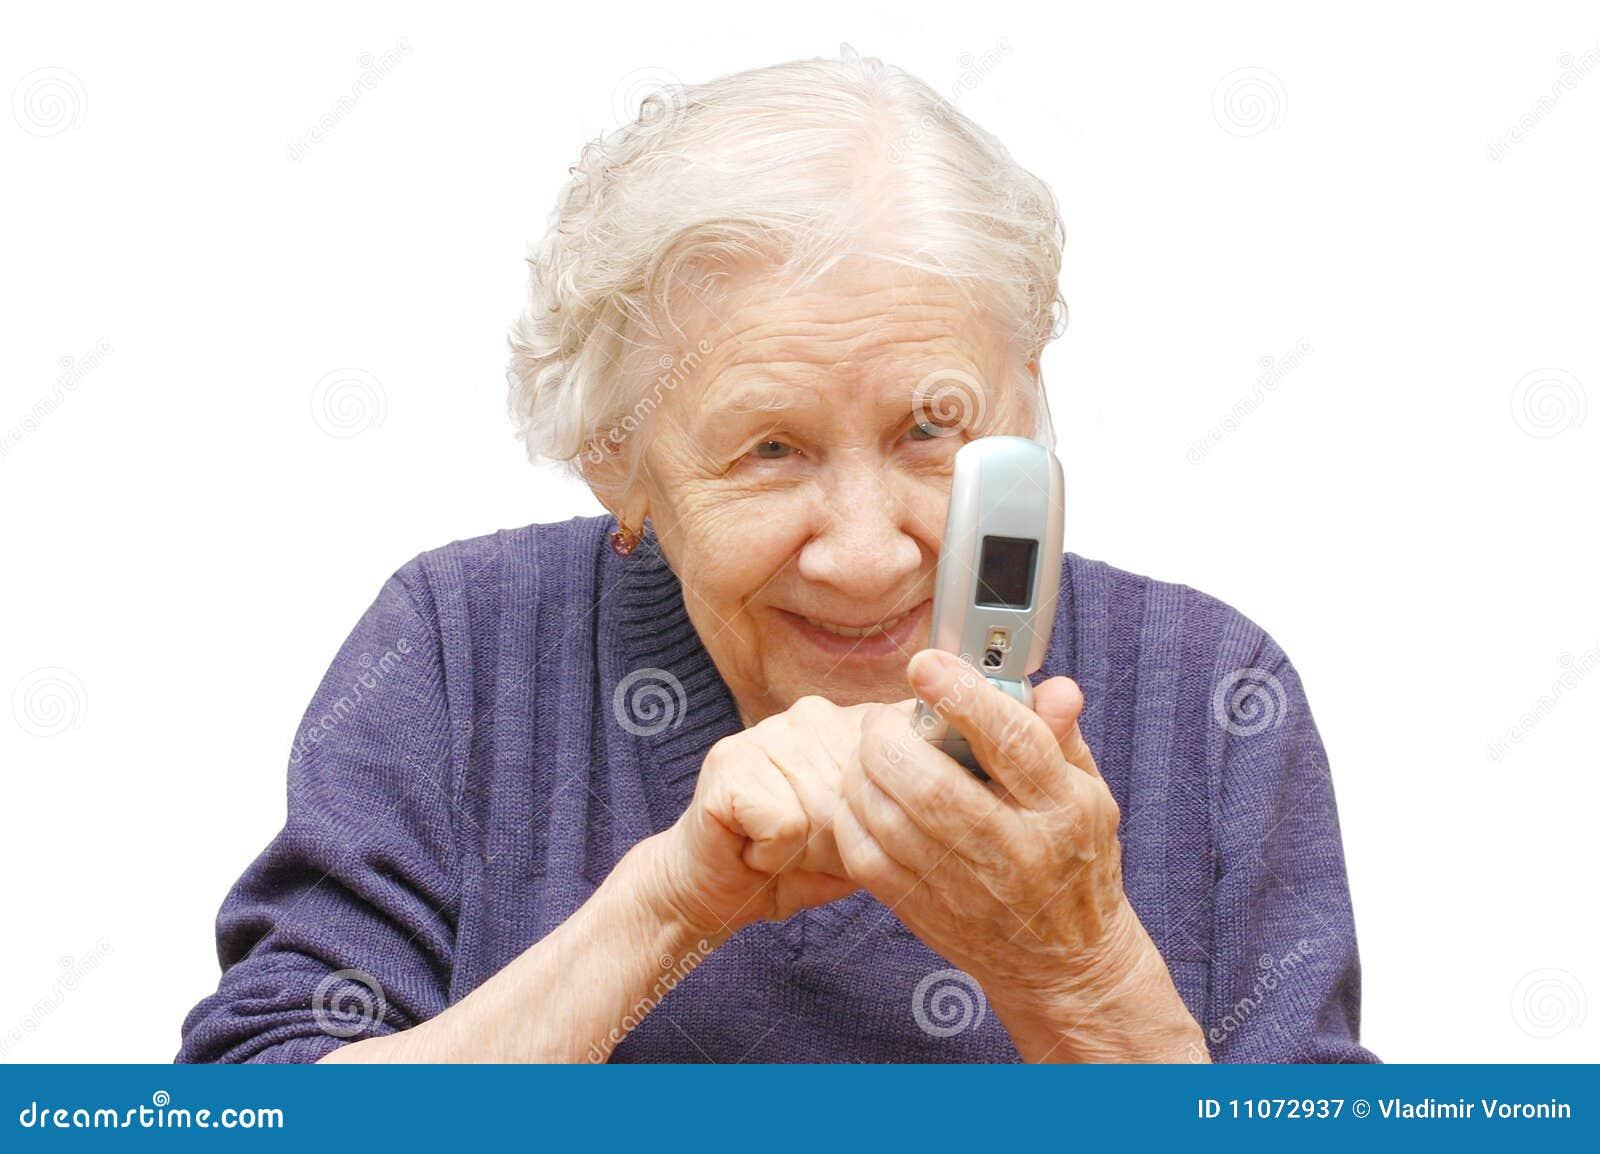 Video de mierda de abuela desagradable gratis